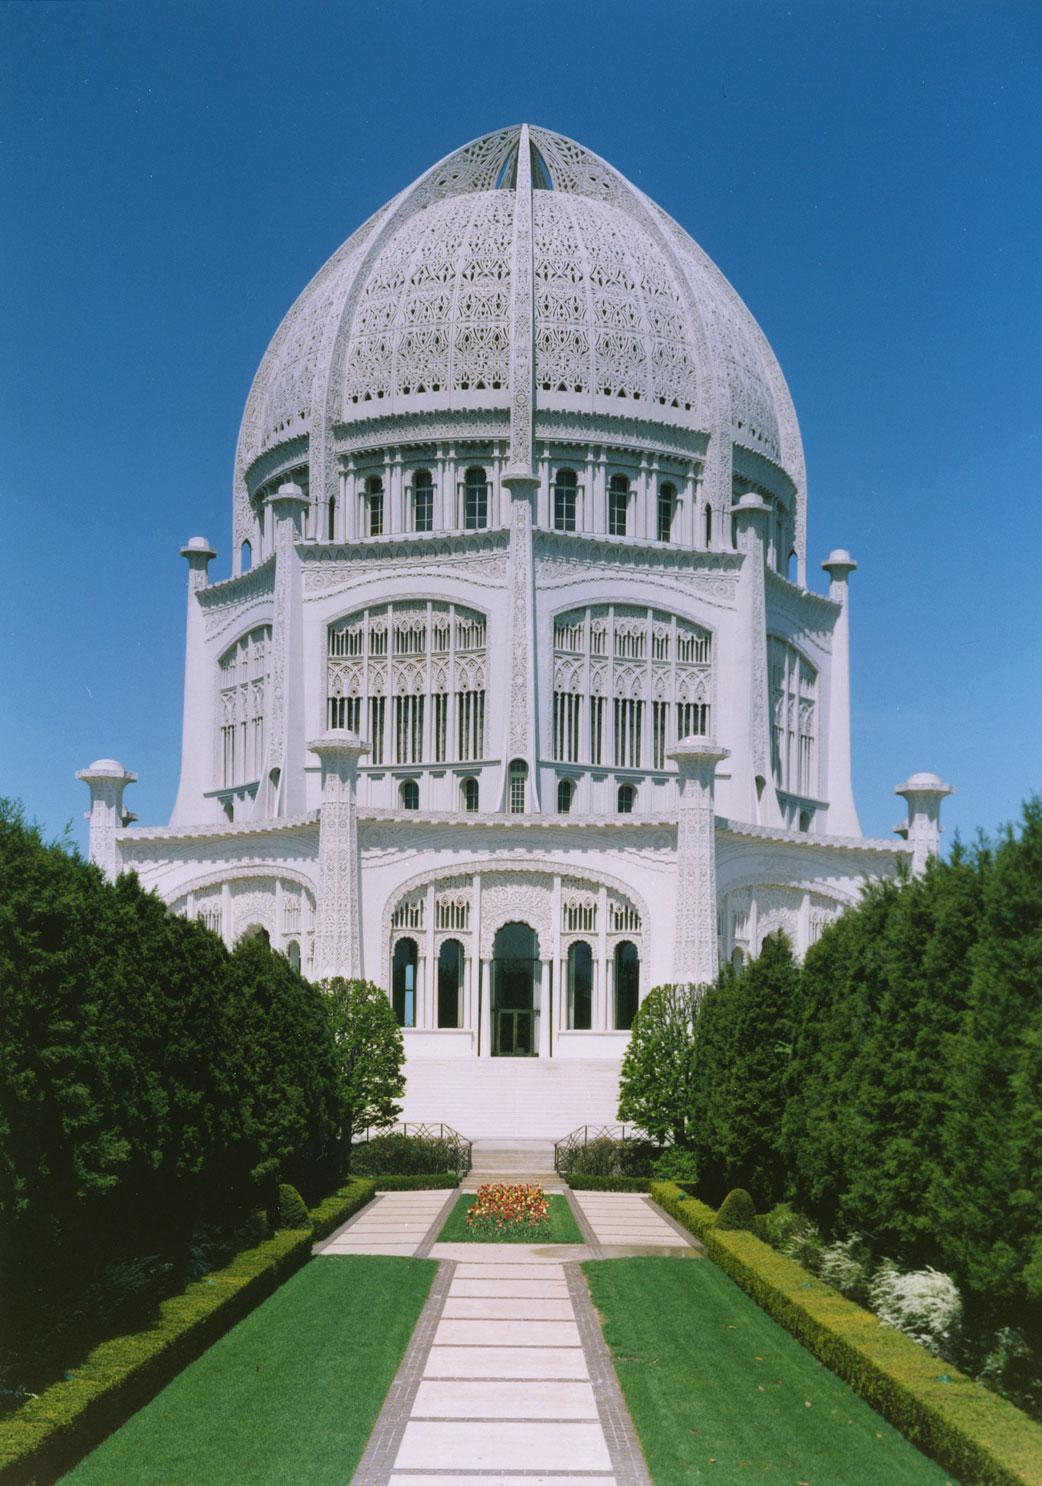 Bahá'í templom (Wilmette, Chicago, USA) (c) Bahá'í Nemzetközi Közösség www.bahai.org